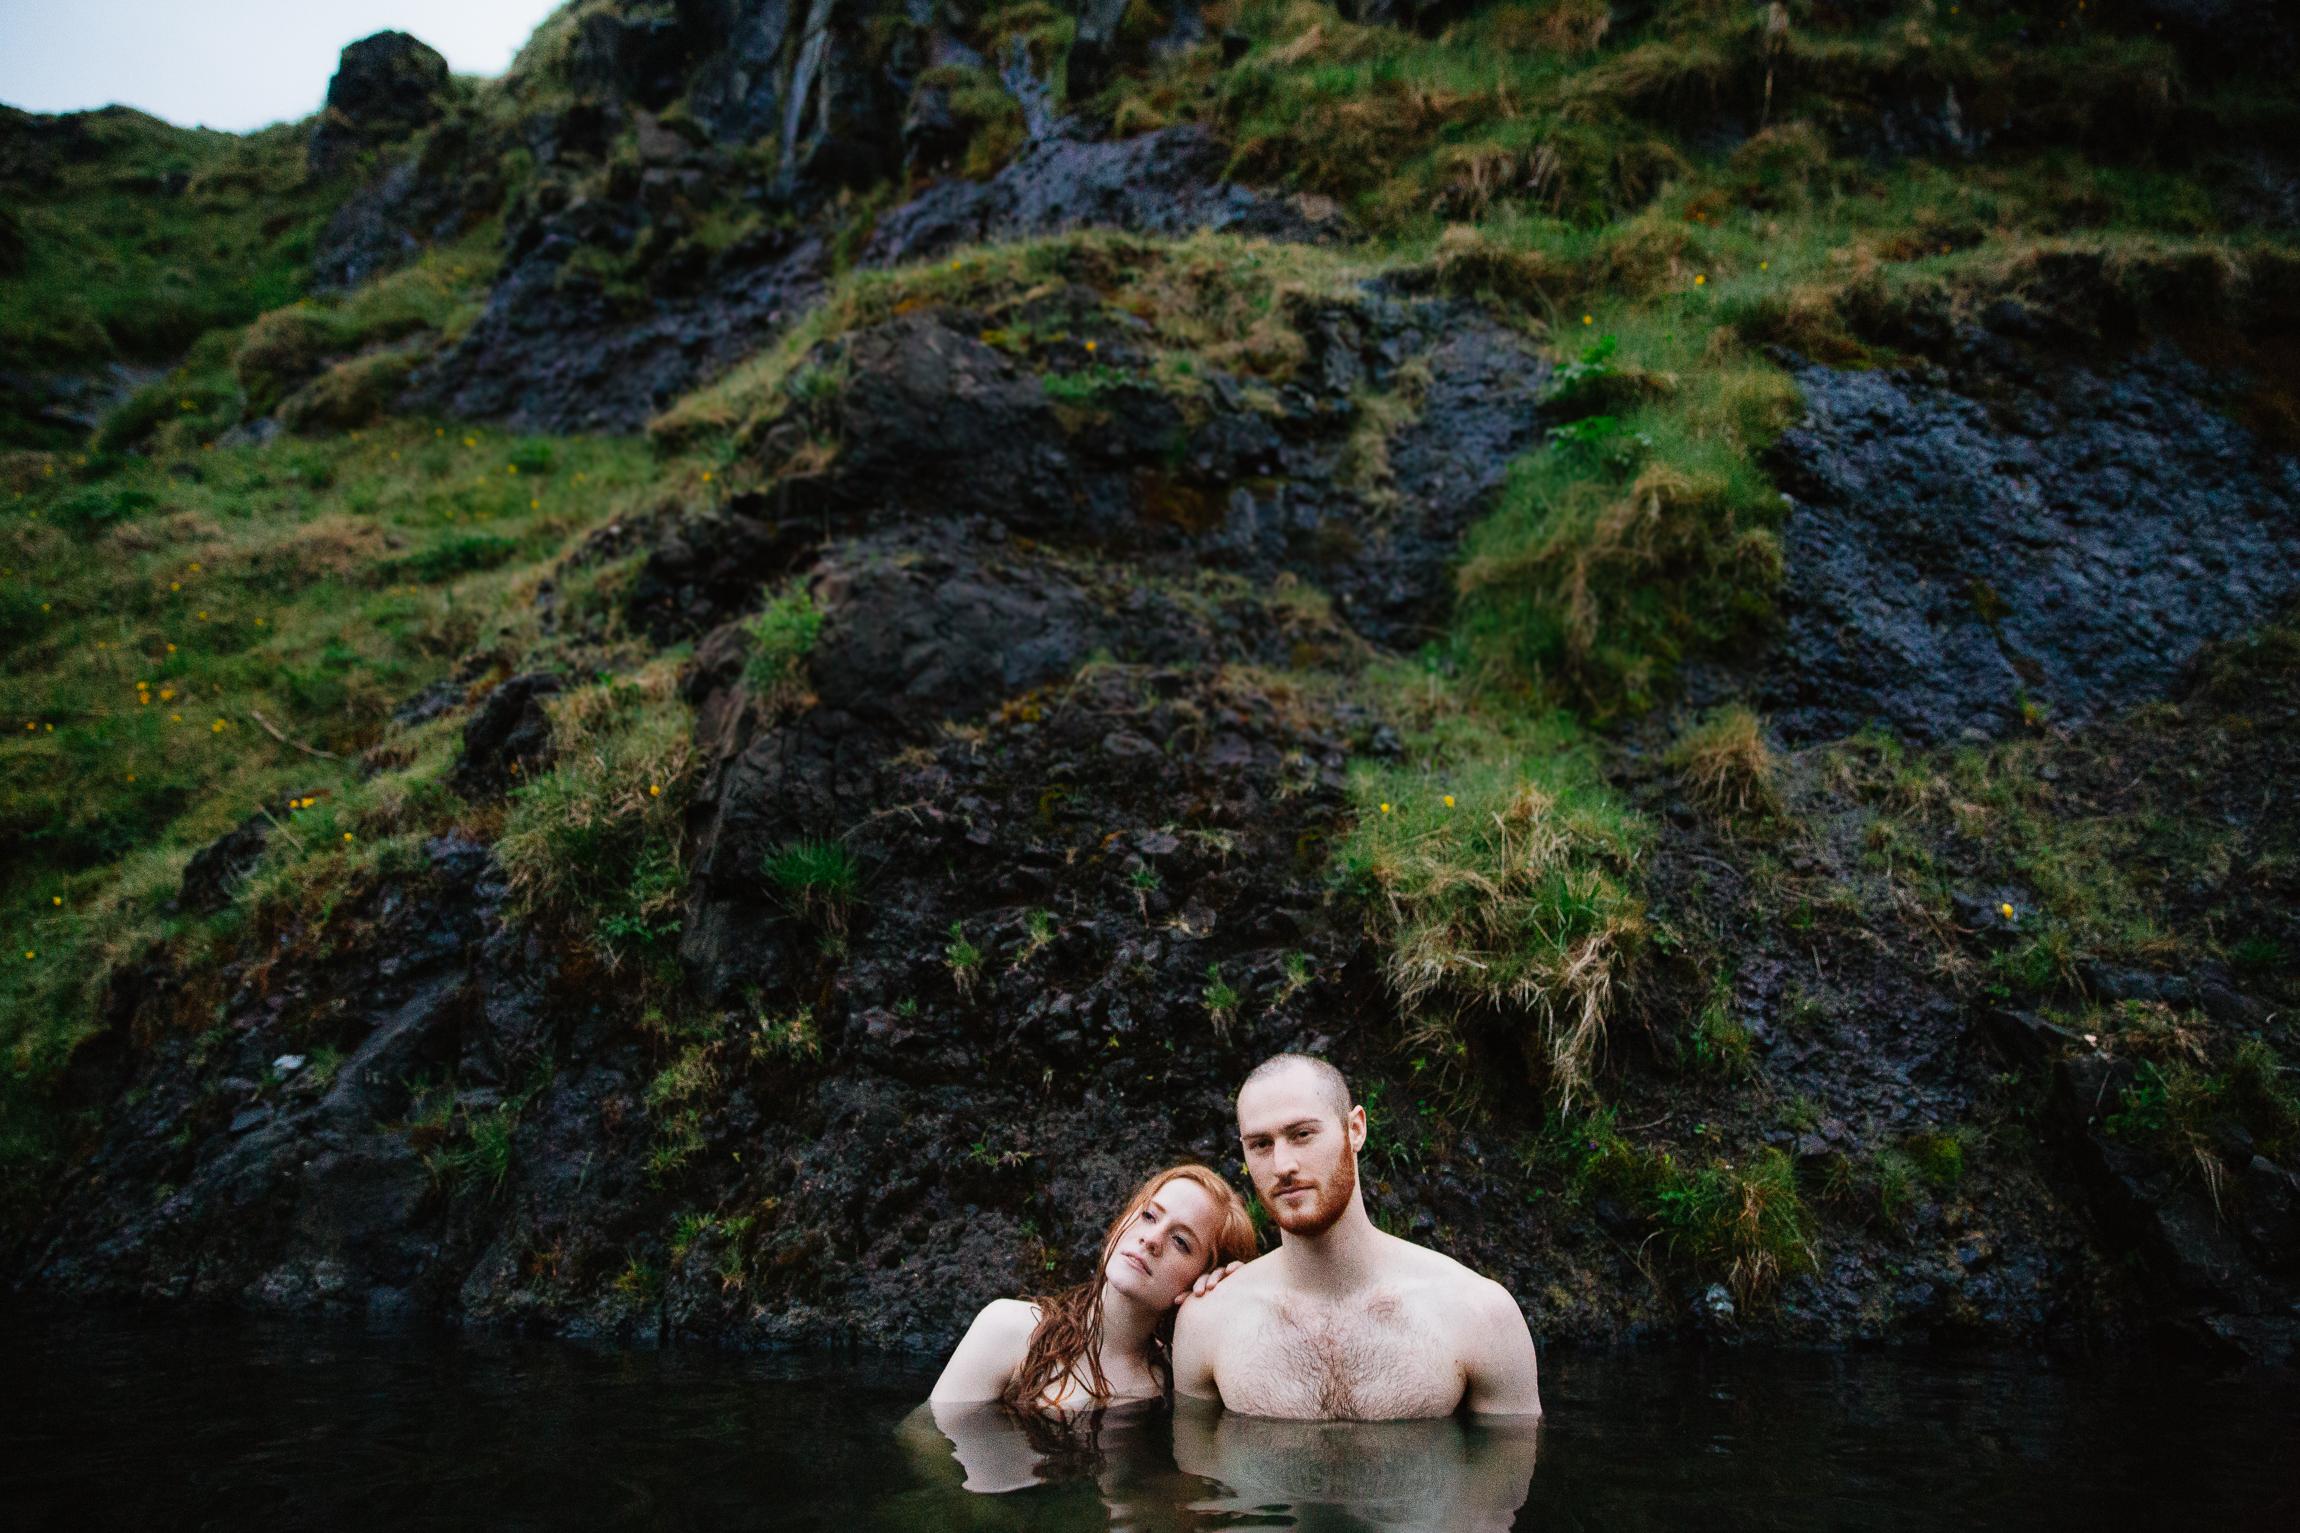 Jen_Montgomery_Photography_IcelandSeaQueen-5.jpg